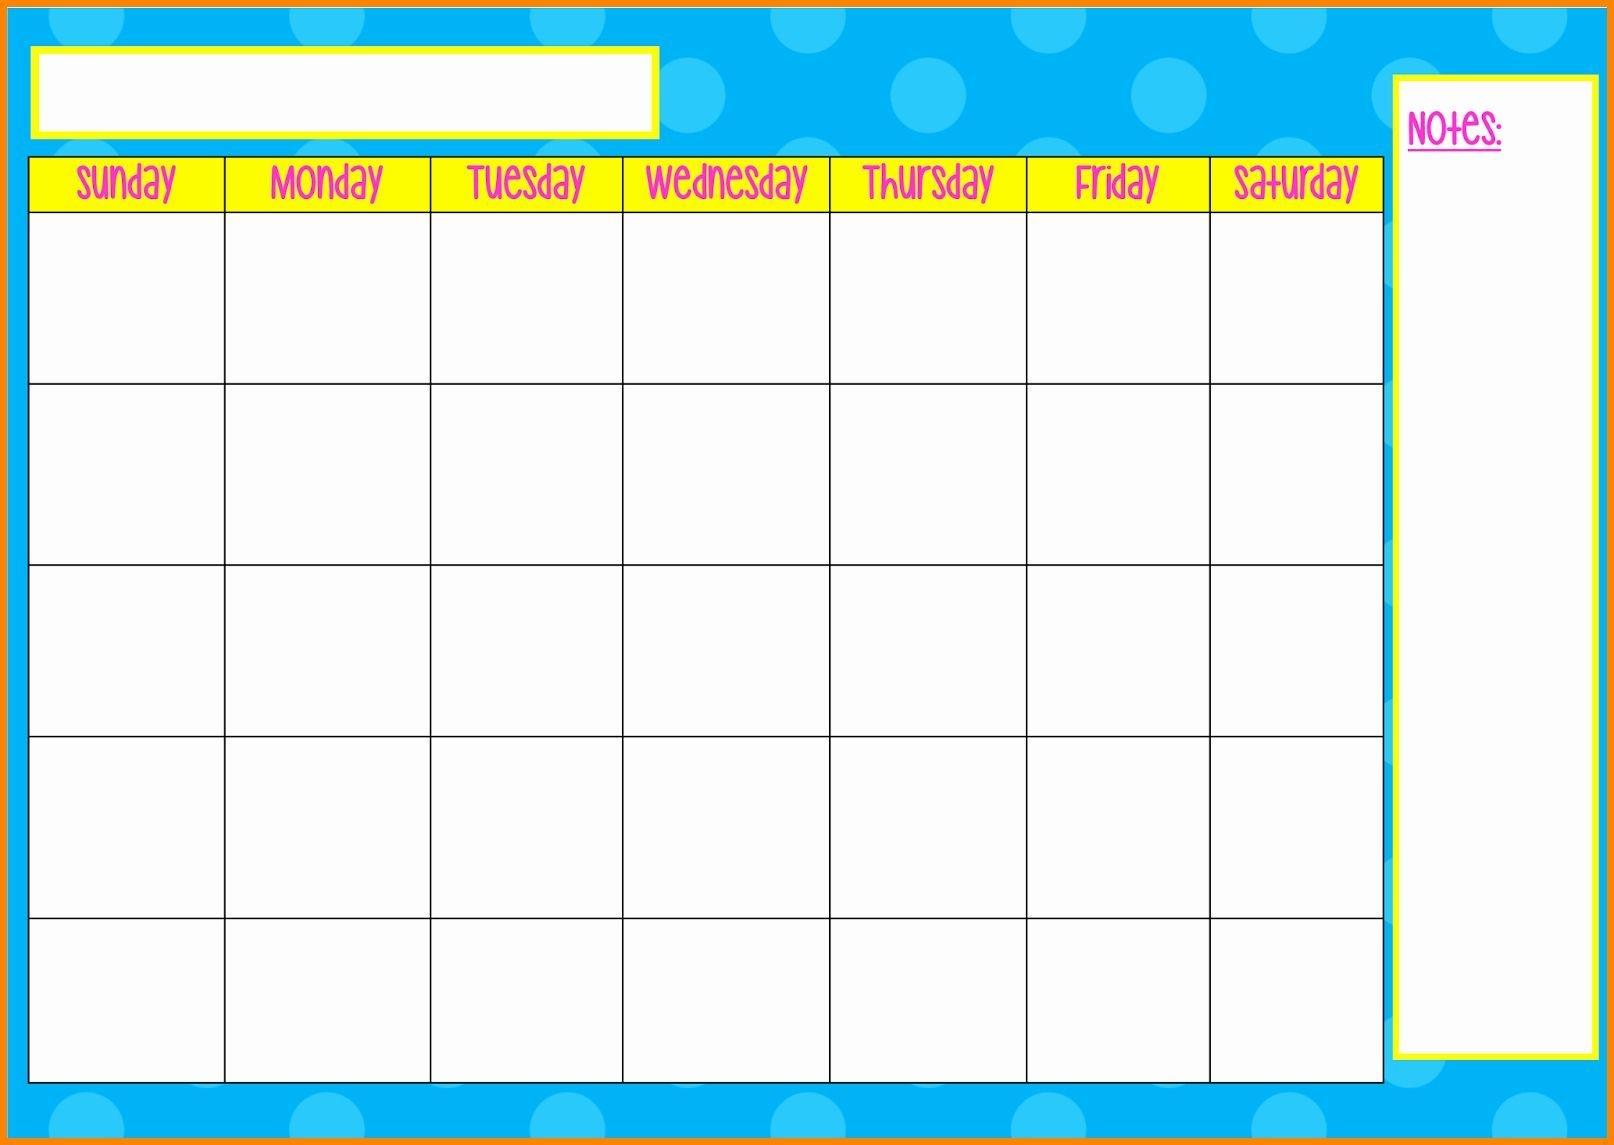 Weekly Calendar Monday Through Friday In 2020 | Calendar